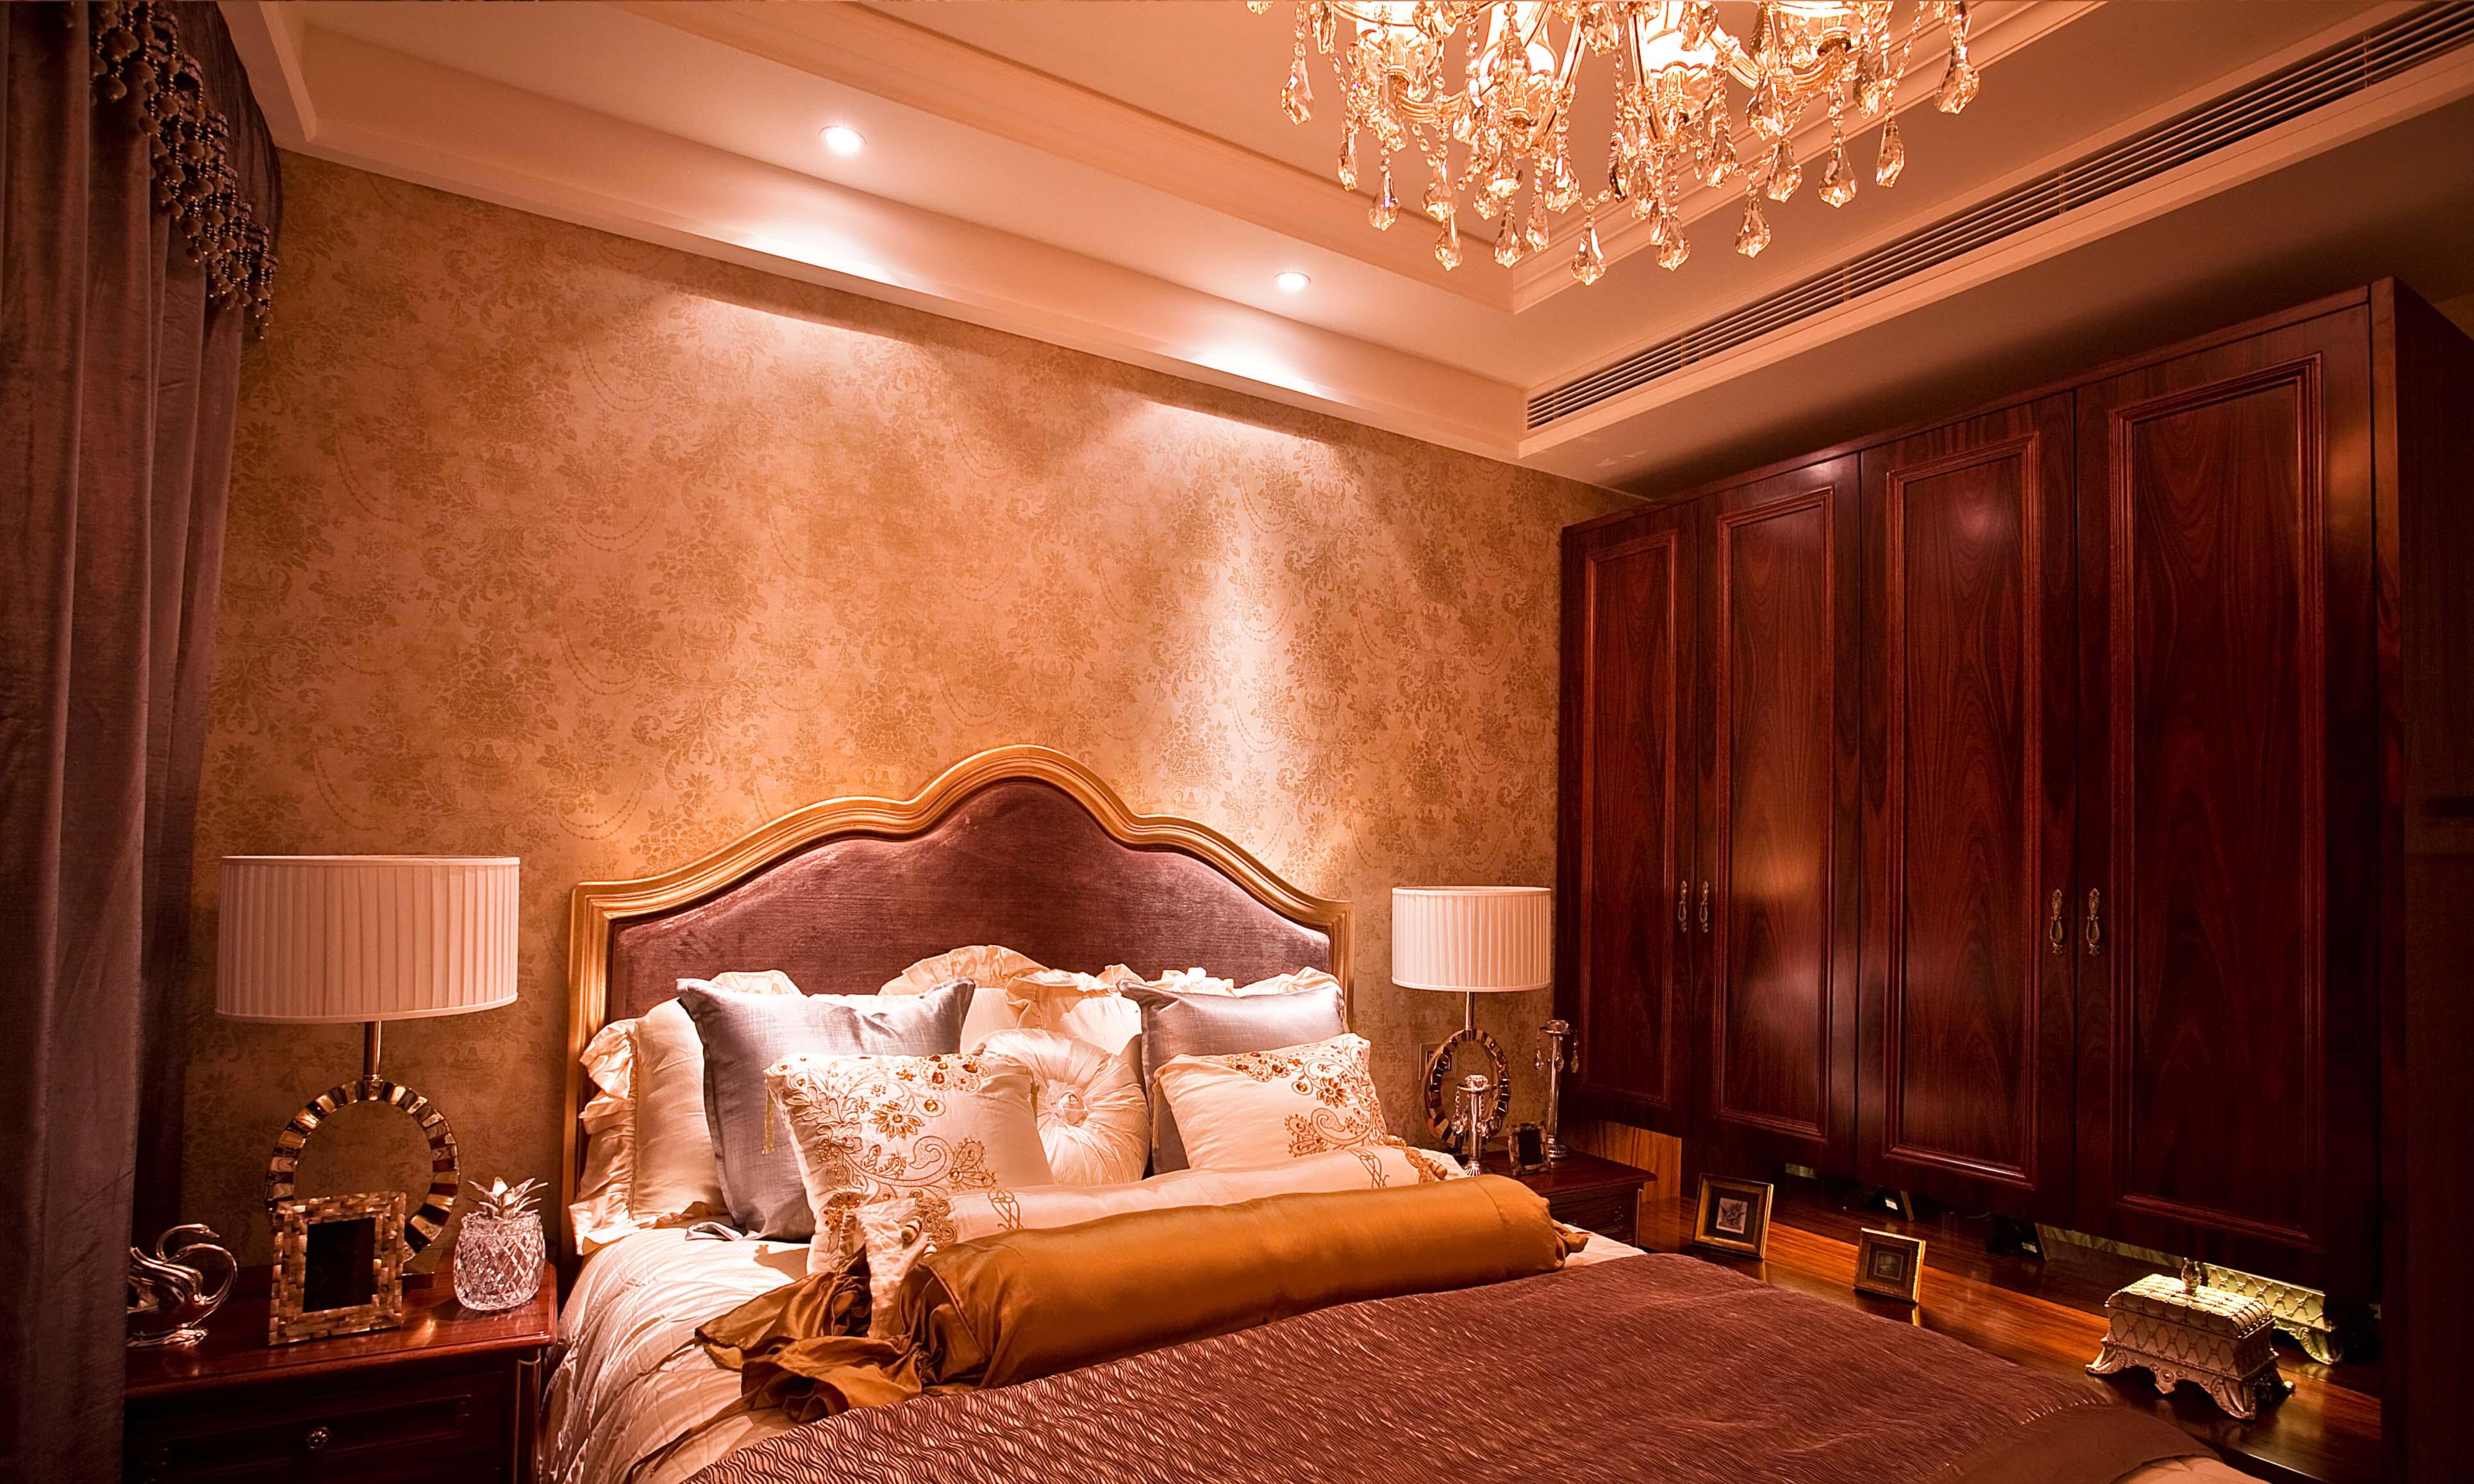 酒店家具豪华装饰流行元素